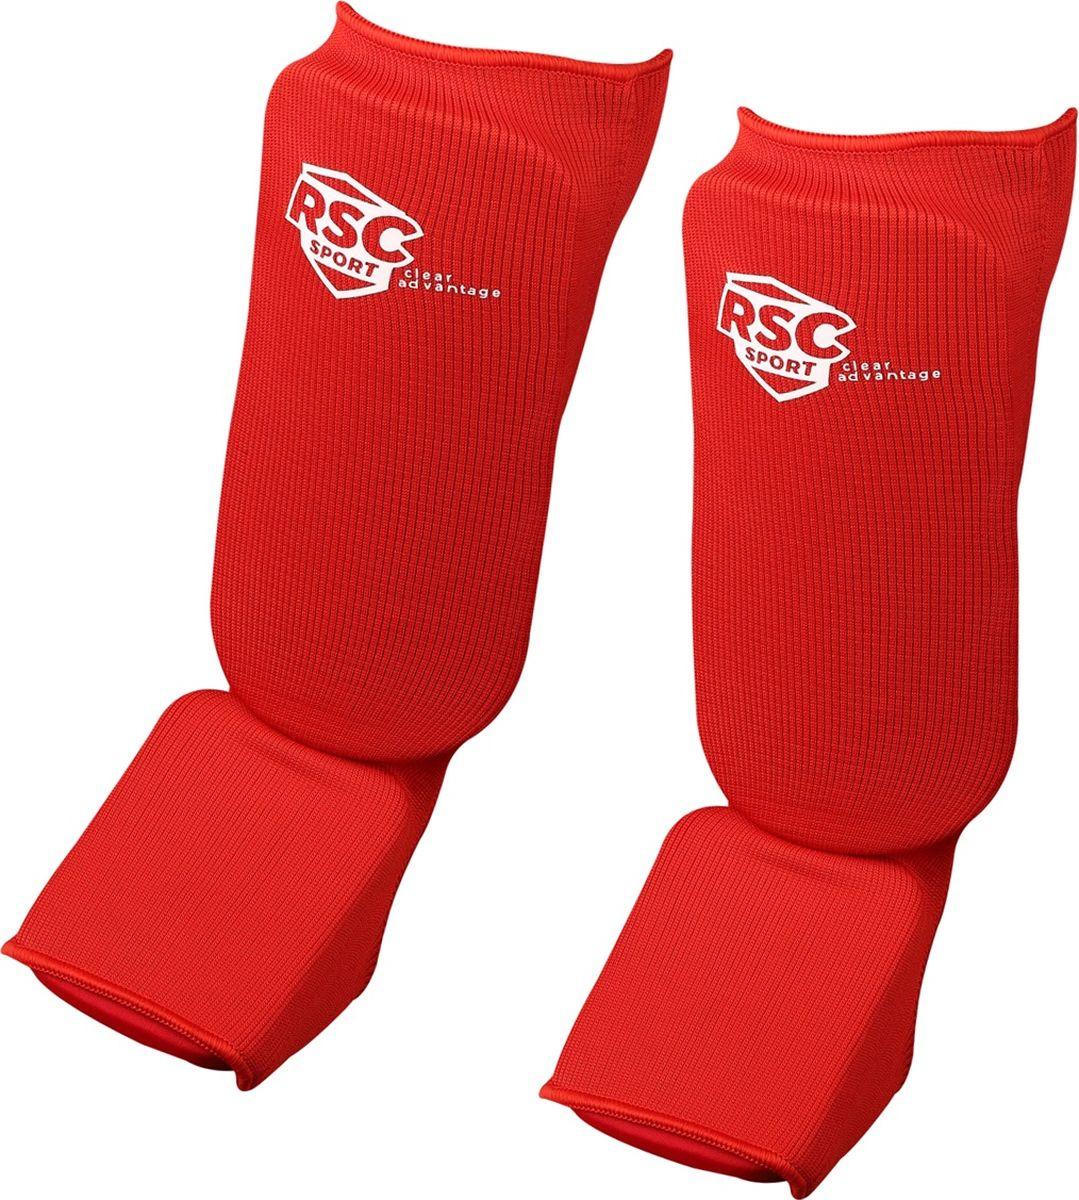 Защита голеностопа RSC, RSC002, красный, размер L adidas защита голени pu shin guard